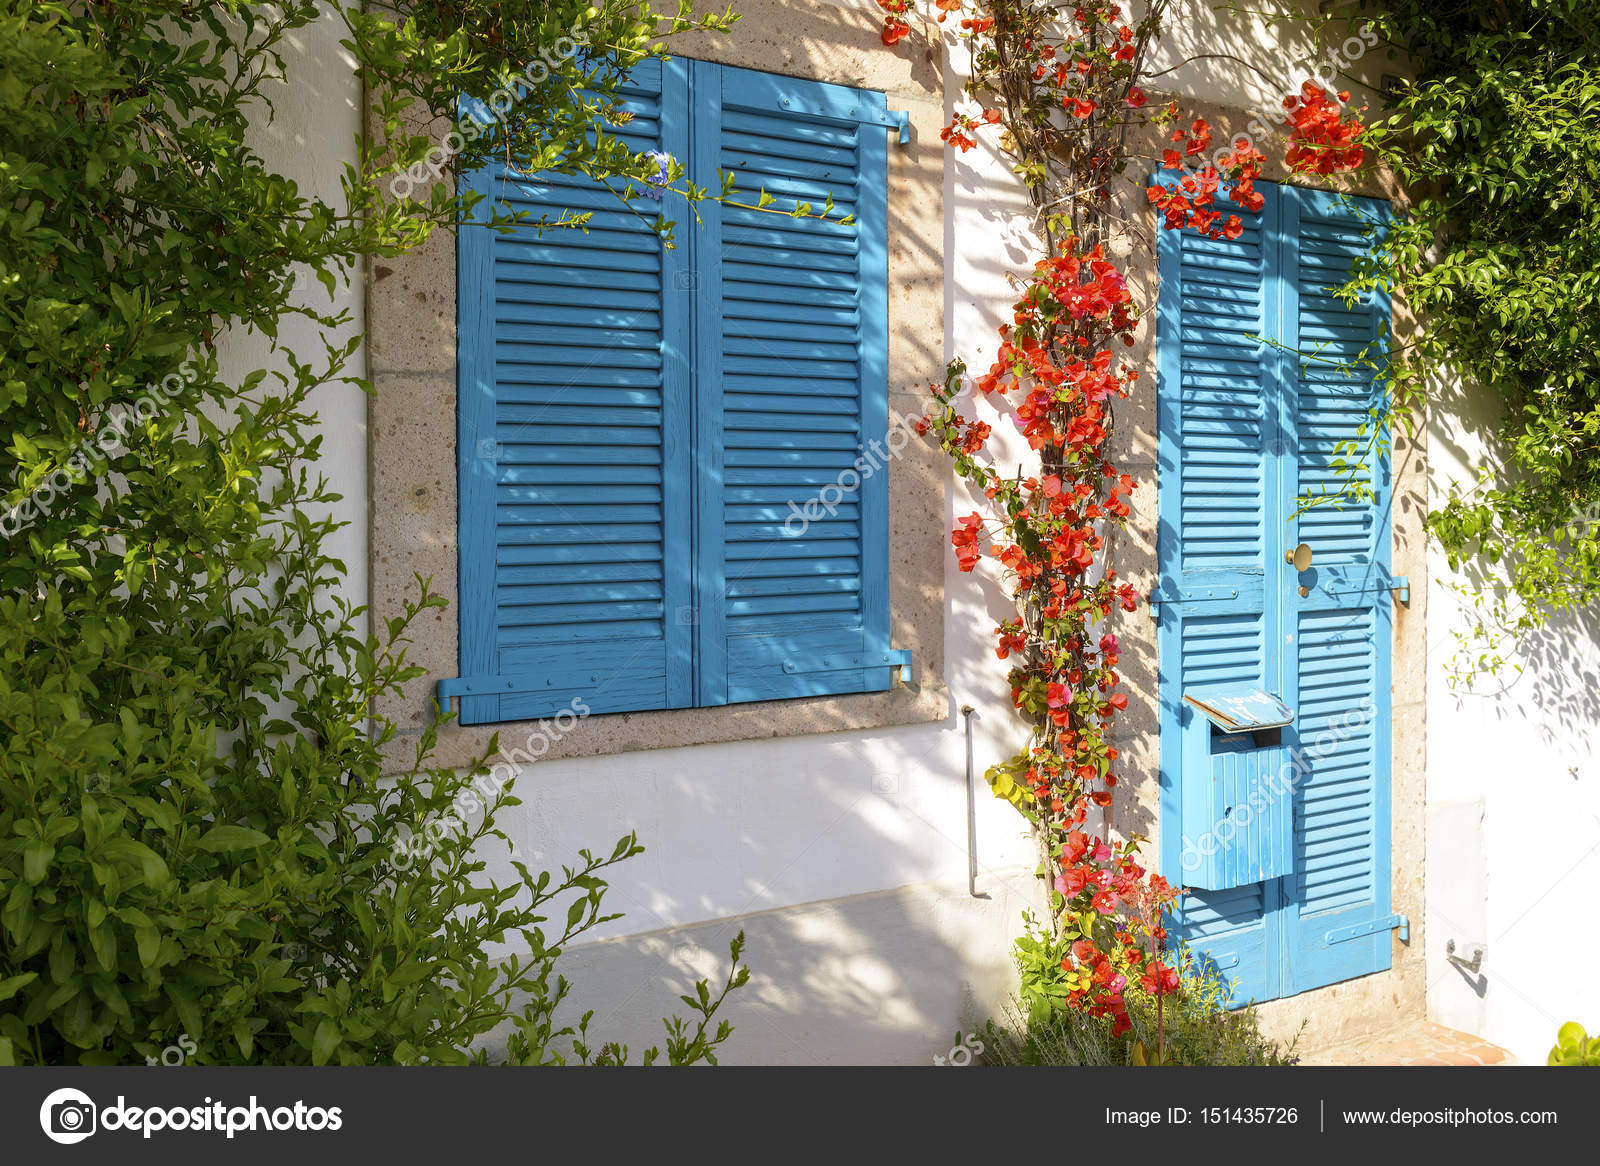 Faszinierend Mediterranes Haus Referenz Von Ein Typisch — Stockfoto